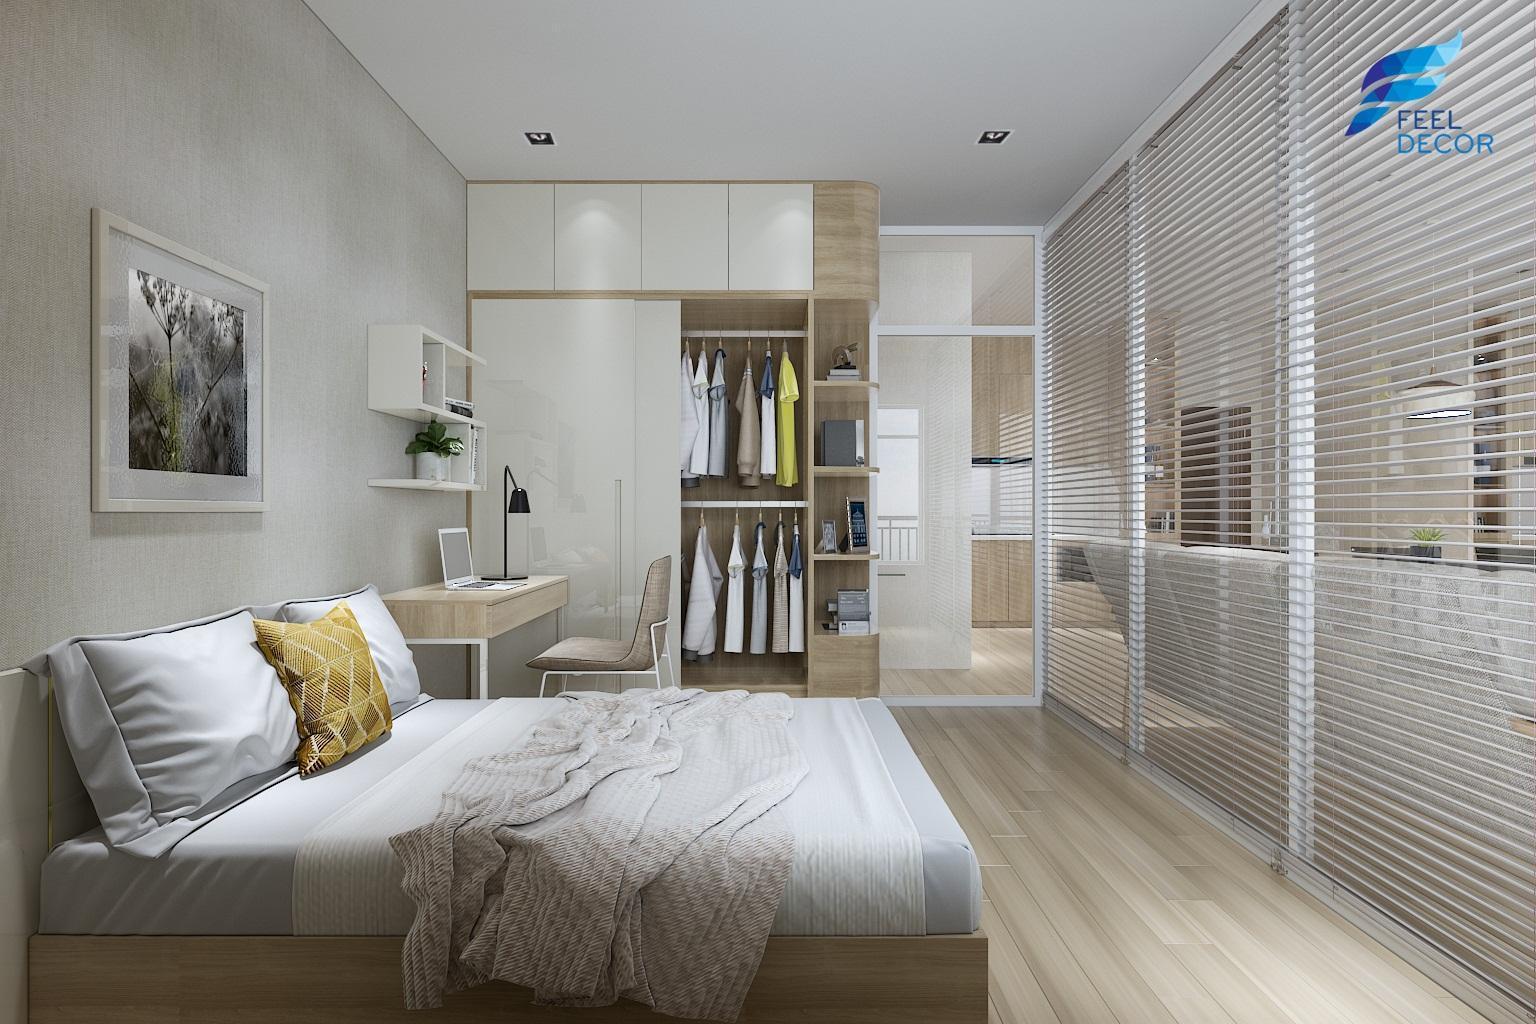 Thiết kế thi công nội thất căn hộ 89m2